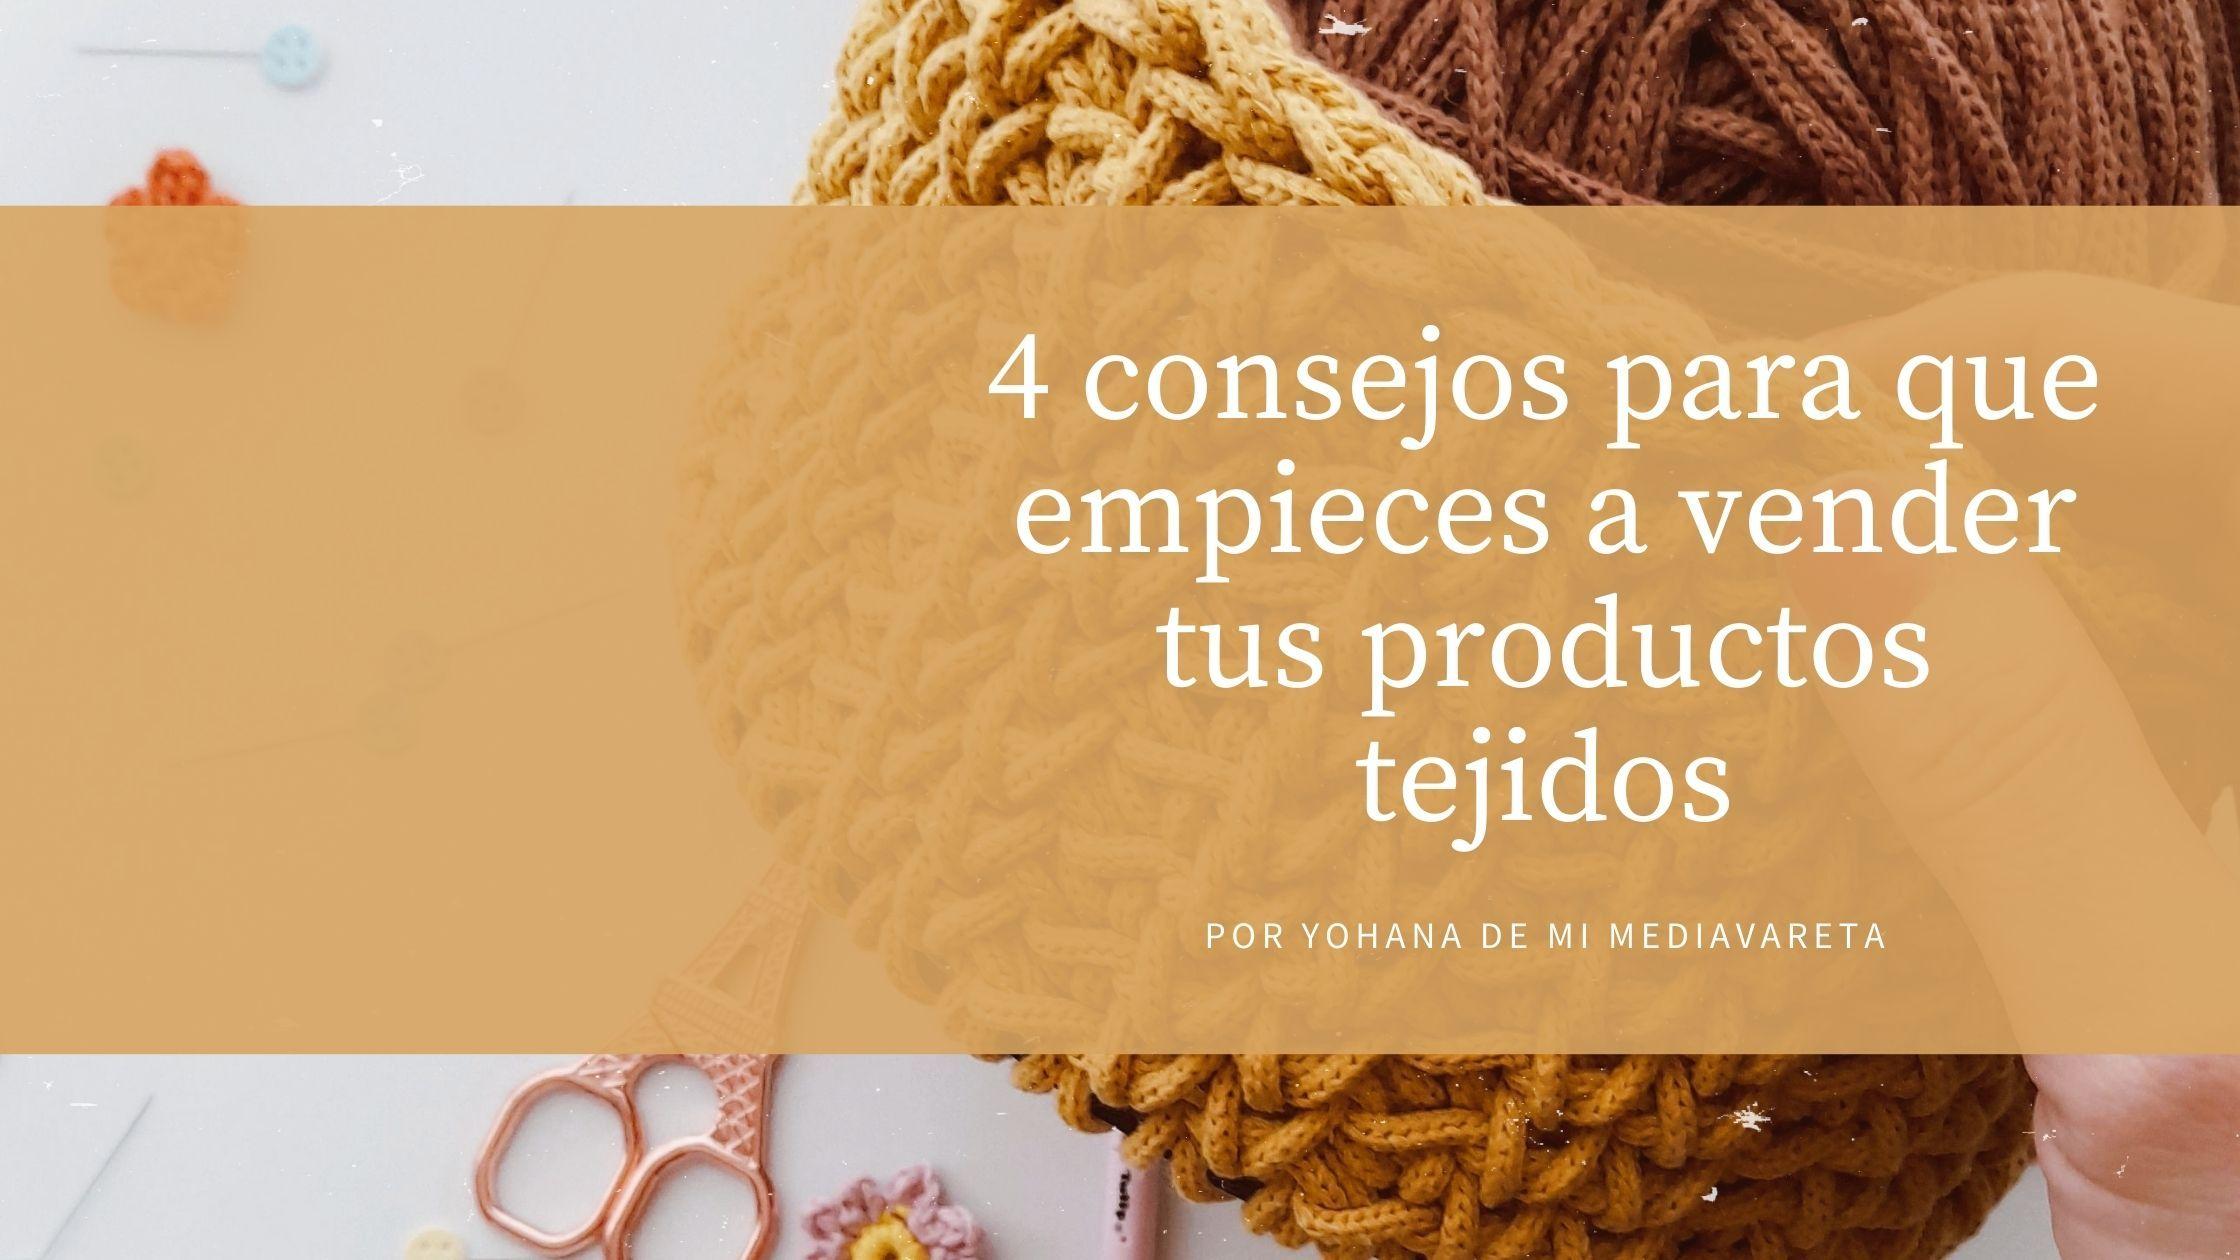 4 consejos para que empieces a vender tus productos tejidos